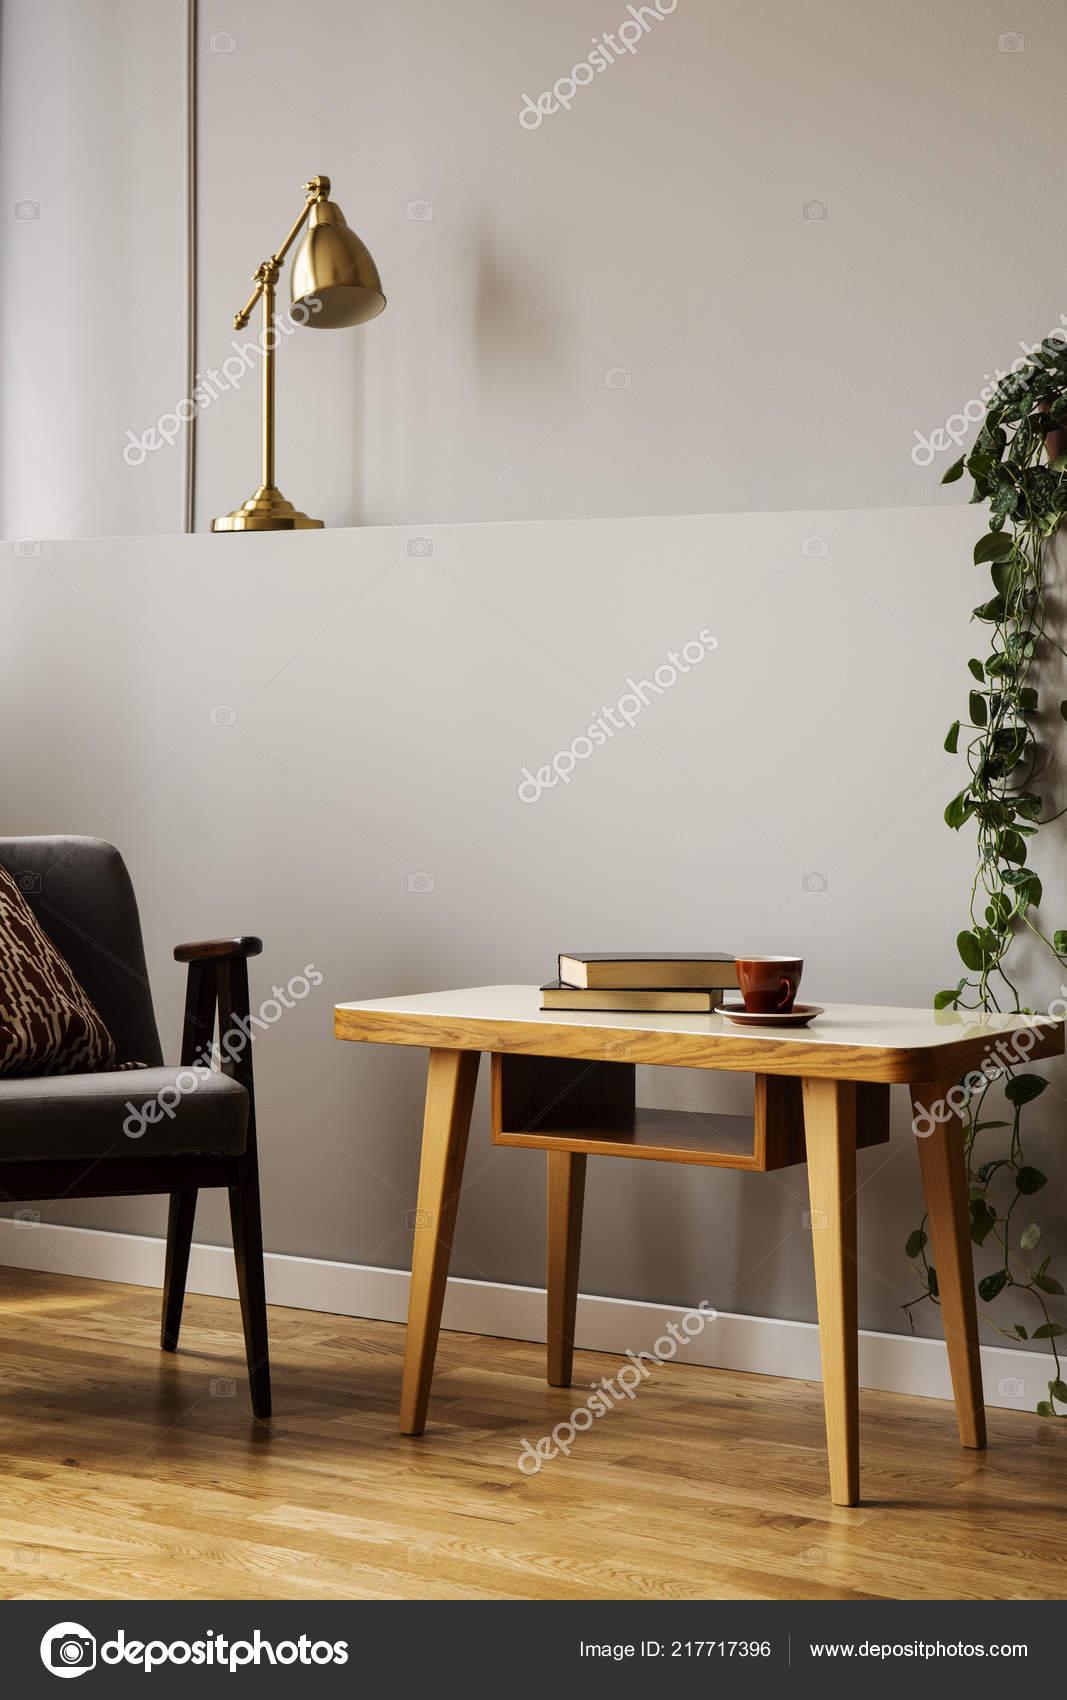 Full Size of Wohnzimmer Lampe Stehend Ikea Klein Holz Led Sessel Neben Holztisch Grauen Interieur Mit Pflanzen Vitrine Weiß Bad Lampen Esstisch Rollo Beleuchtung Teppich Wohnzimmer Wohnzimmer Lampe Stehend